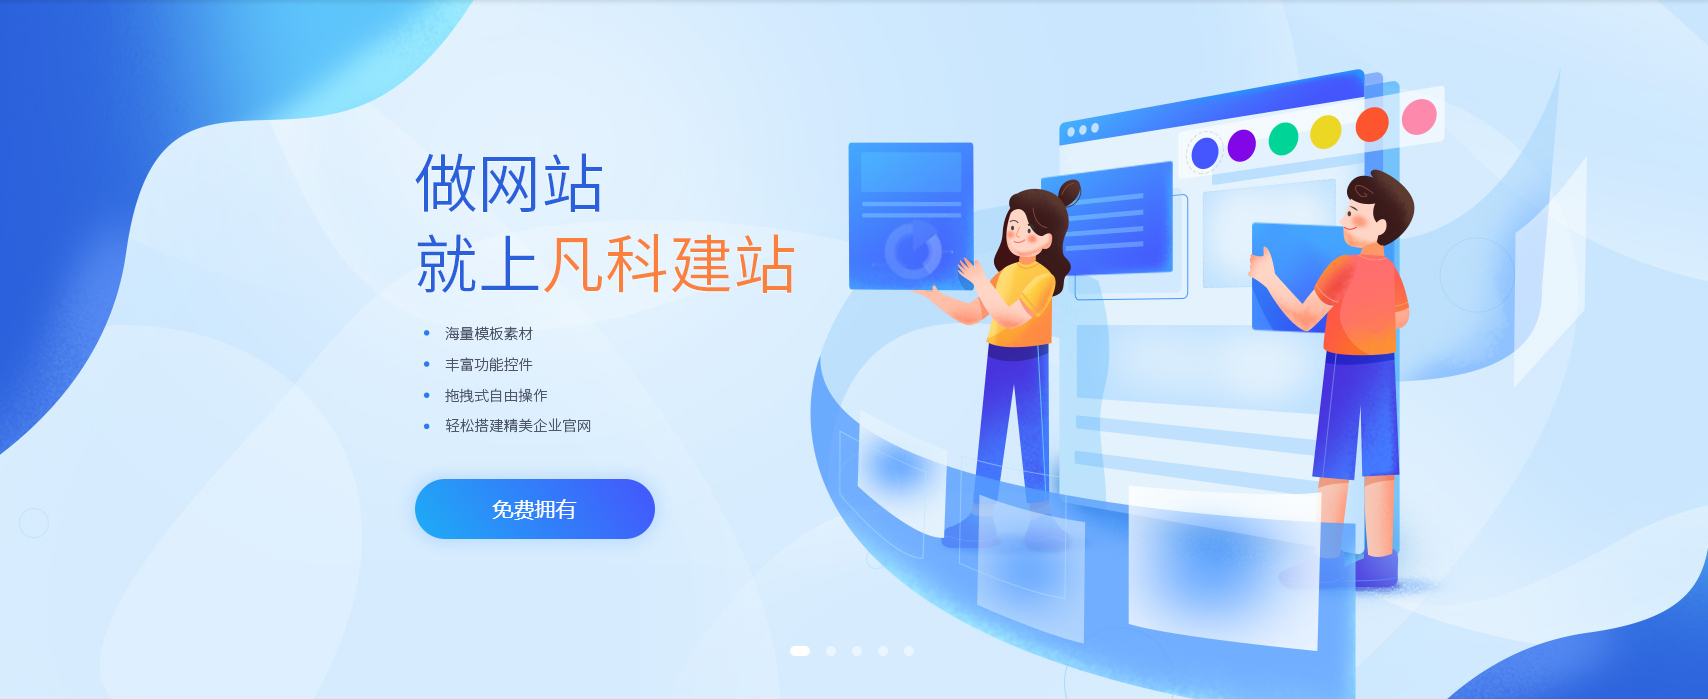 企业网站如何建立